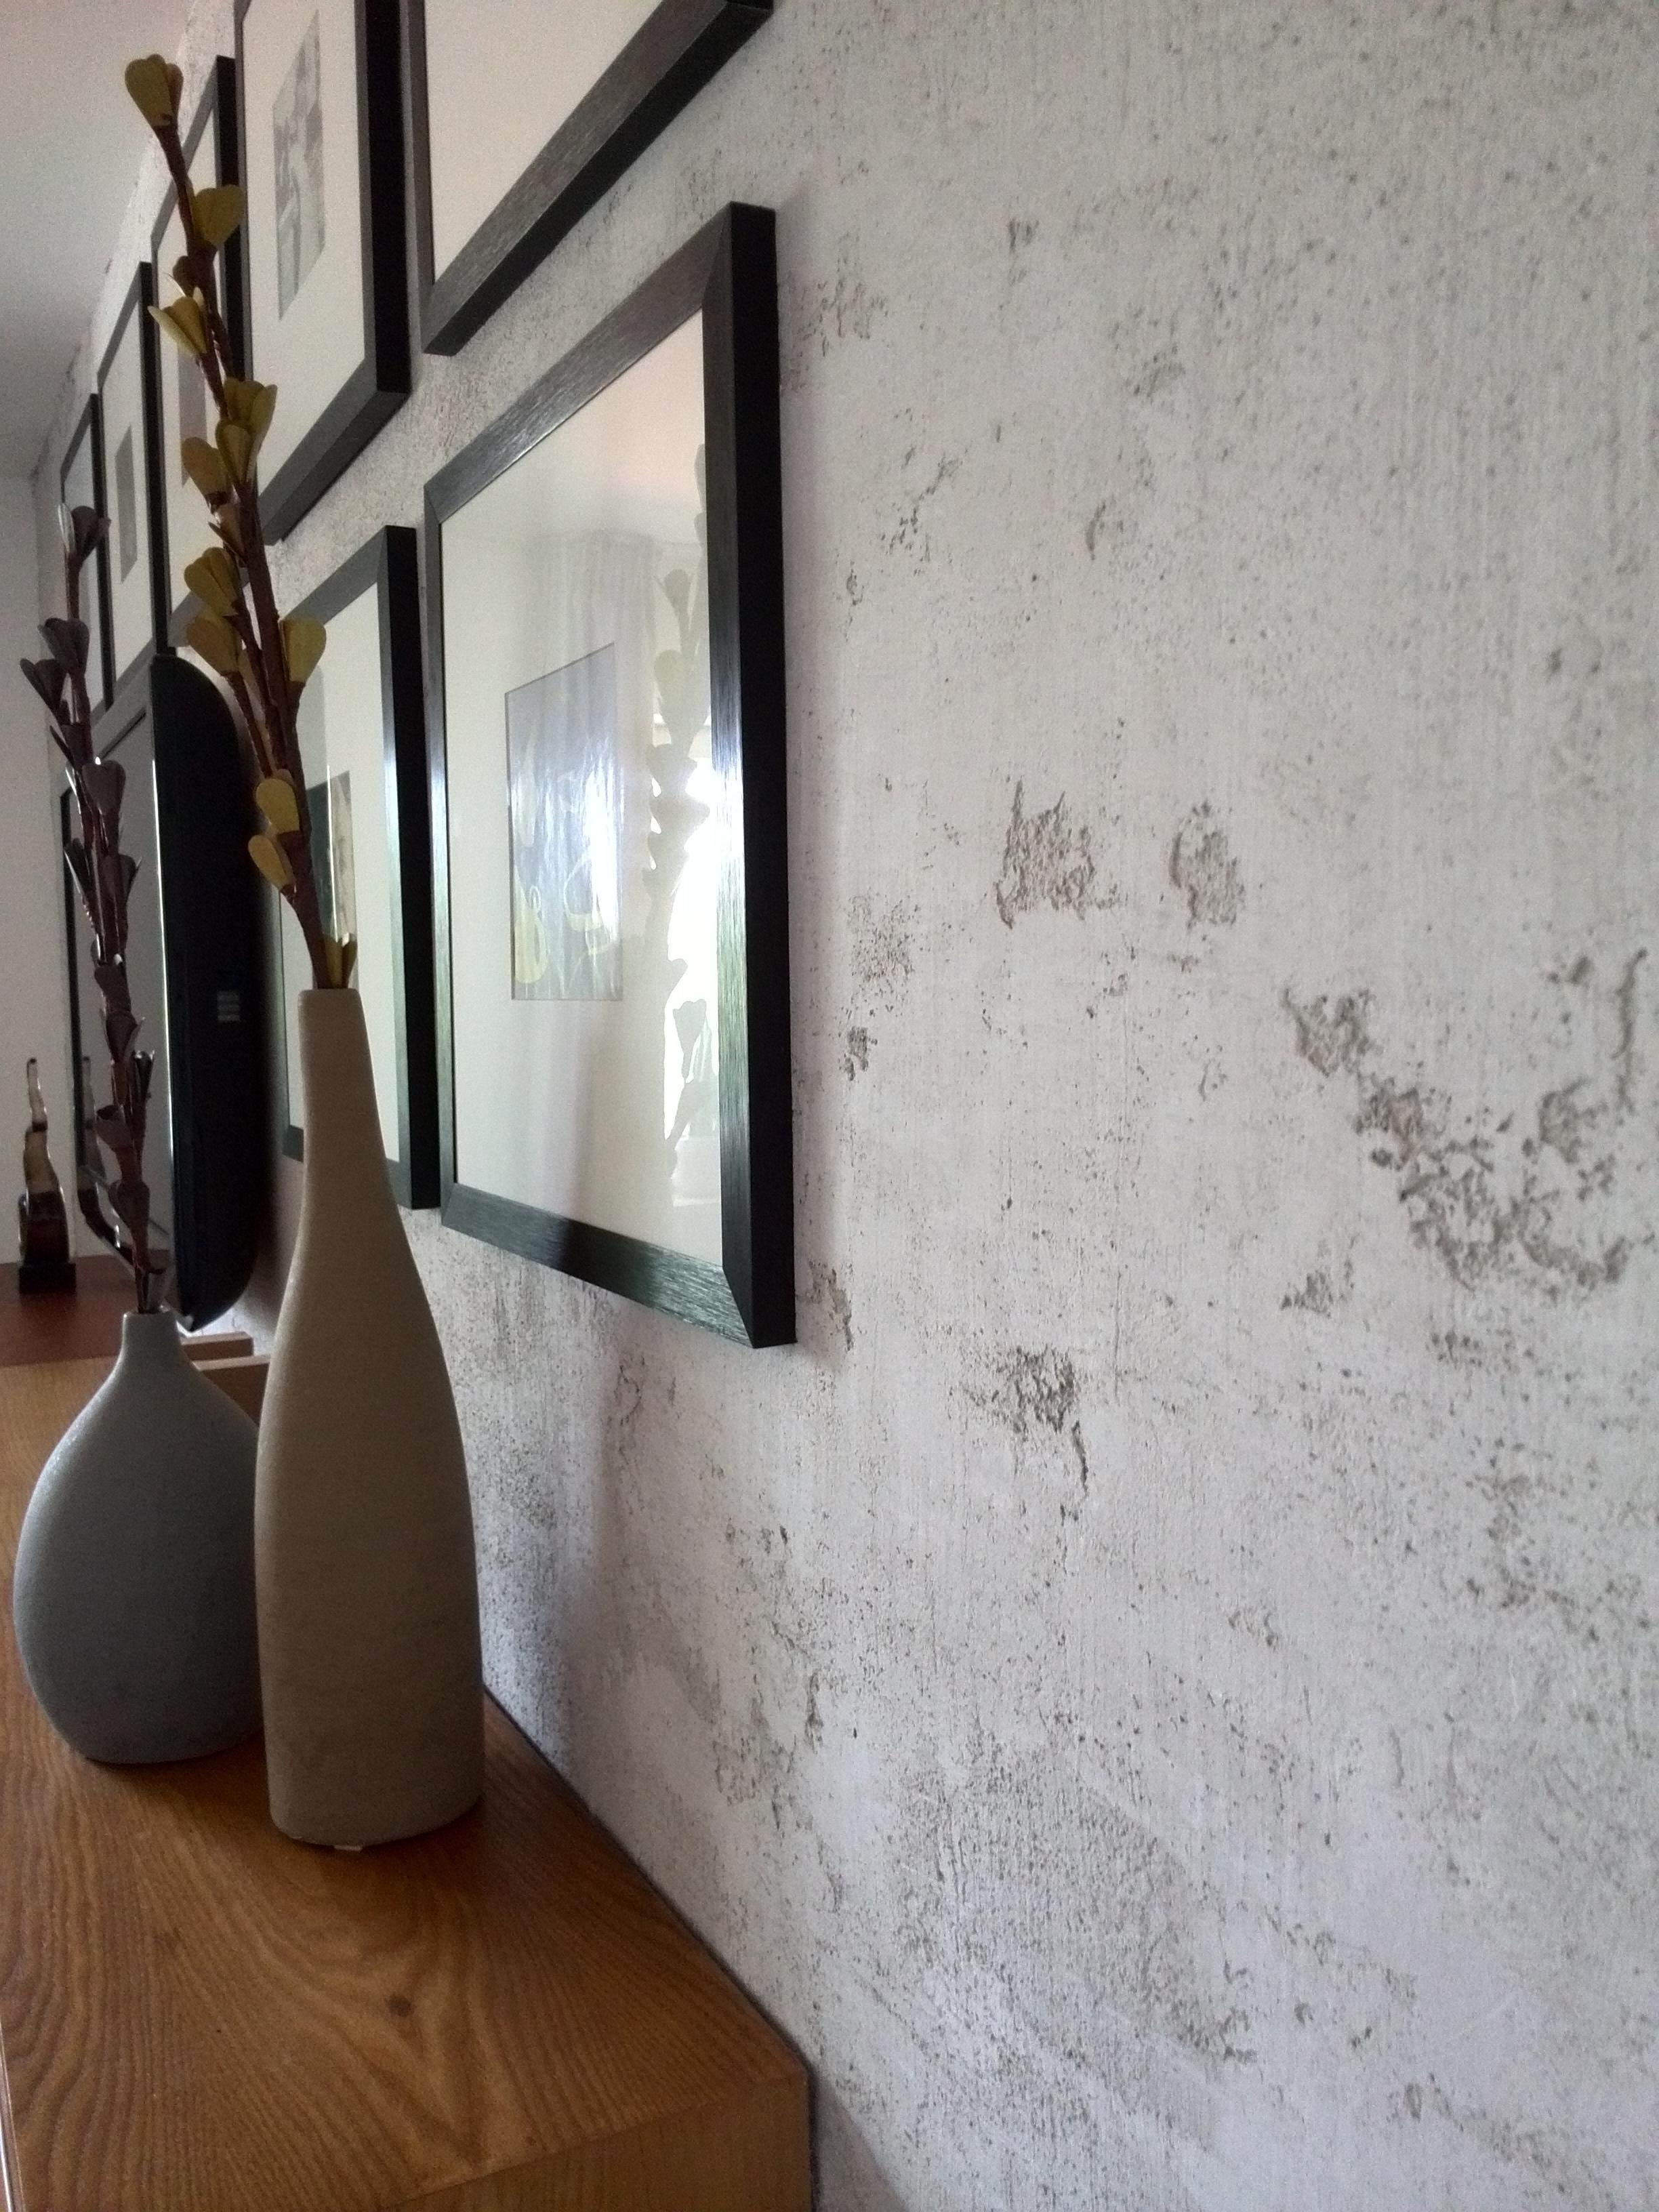 Betonwand wohnzimmer vase betonwand bilder wohn - Betonwand wohnzimmer ...